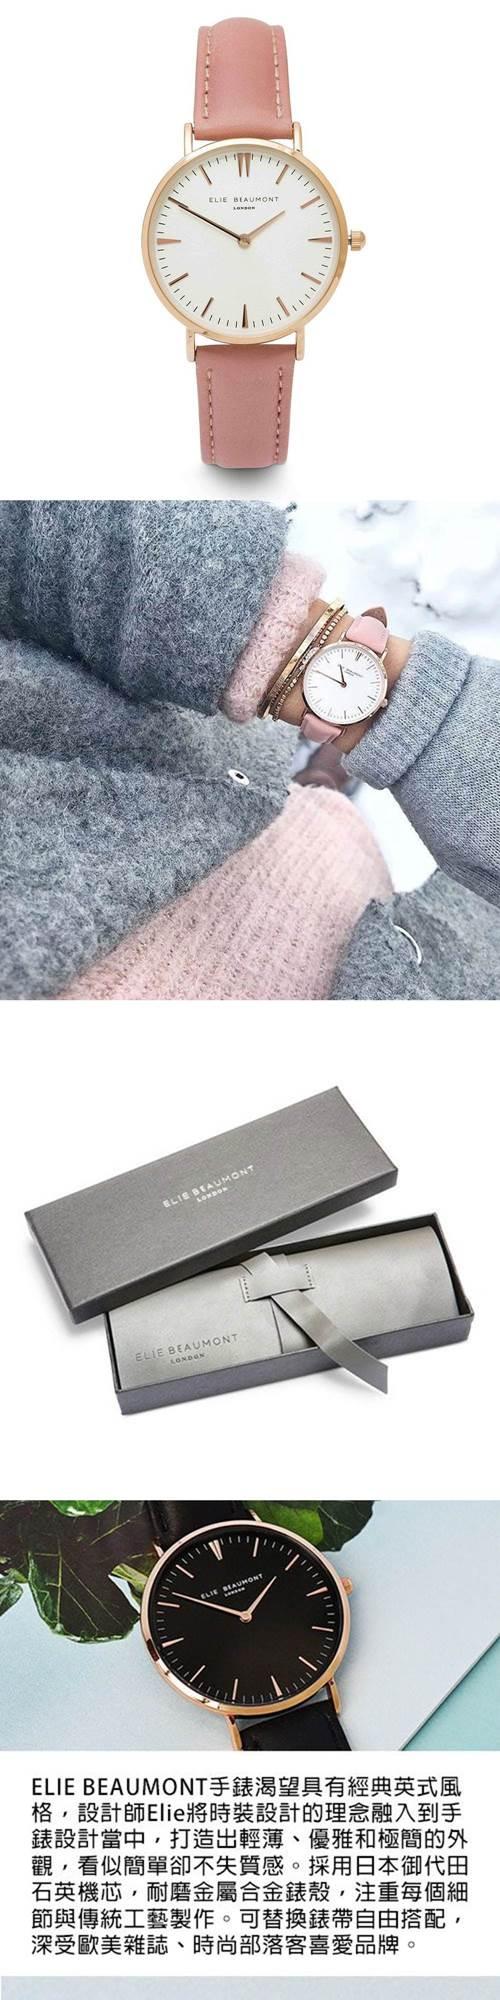 (複製)Elie Beaumont 英國時尚手錶 牛津系列 白錶盤x深藍皮革錶帶x玫瑰金錶框33mm